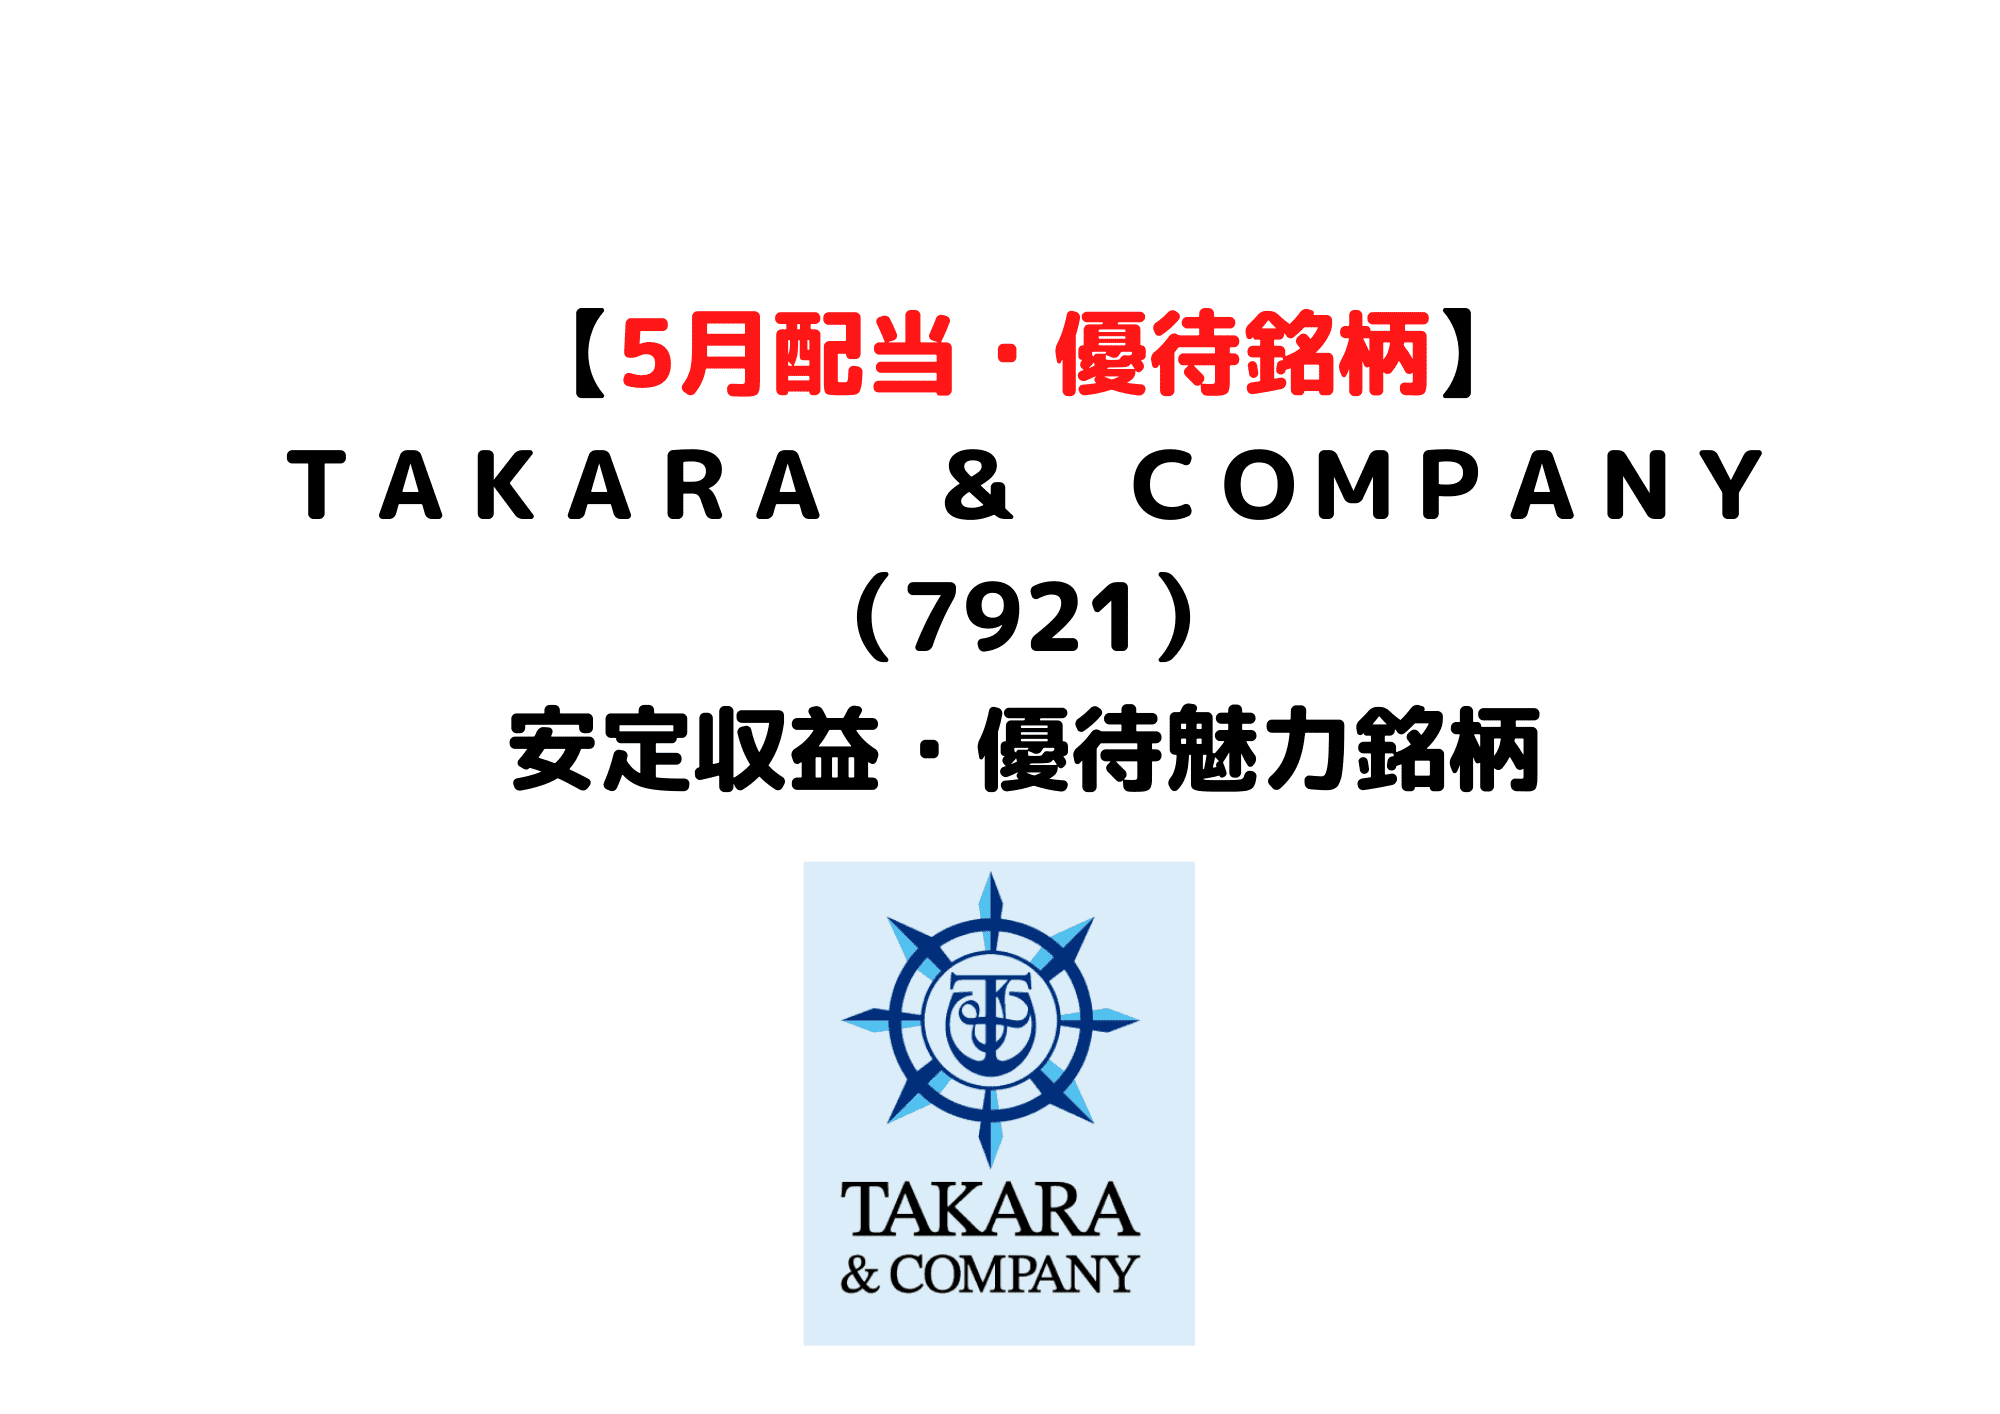 7921 TAKARA & COMPANY(旧宝印刷) アイキャッチ